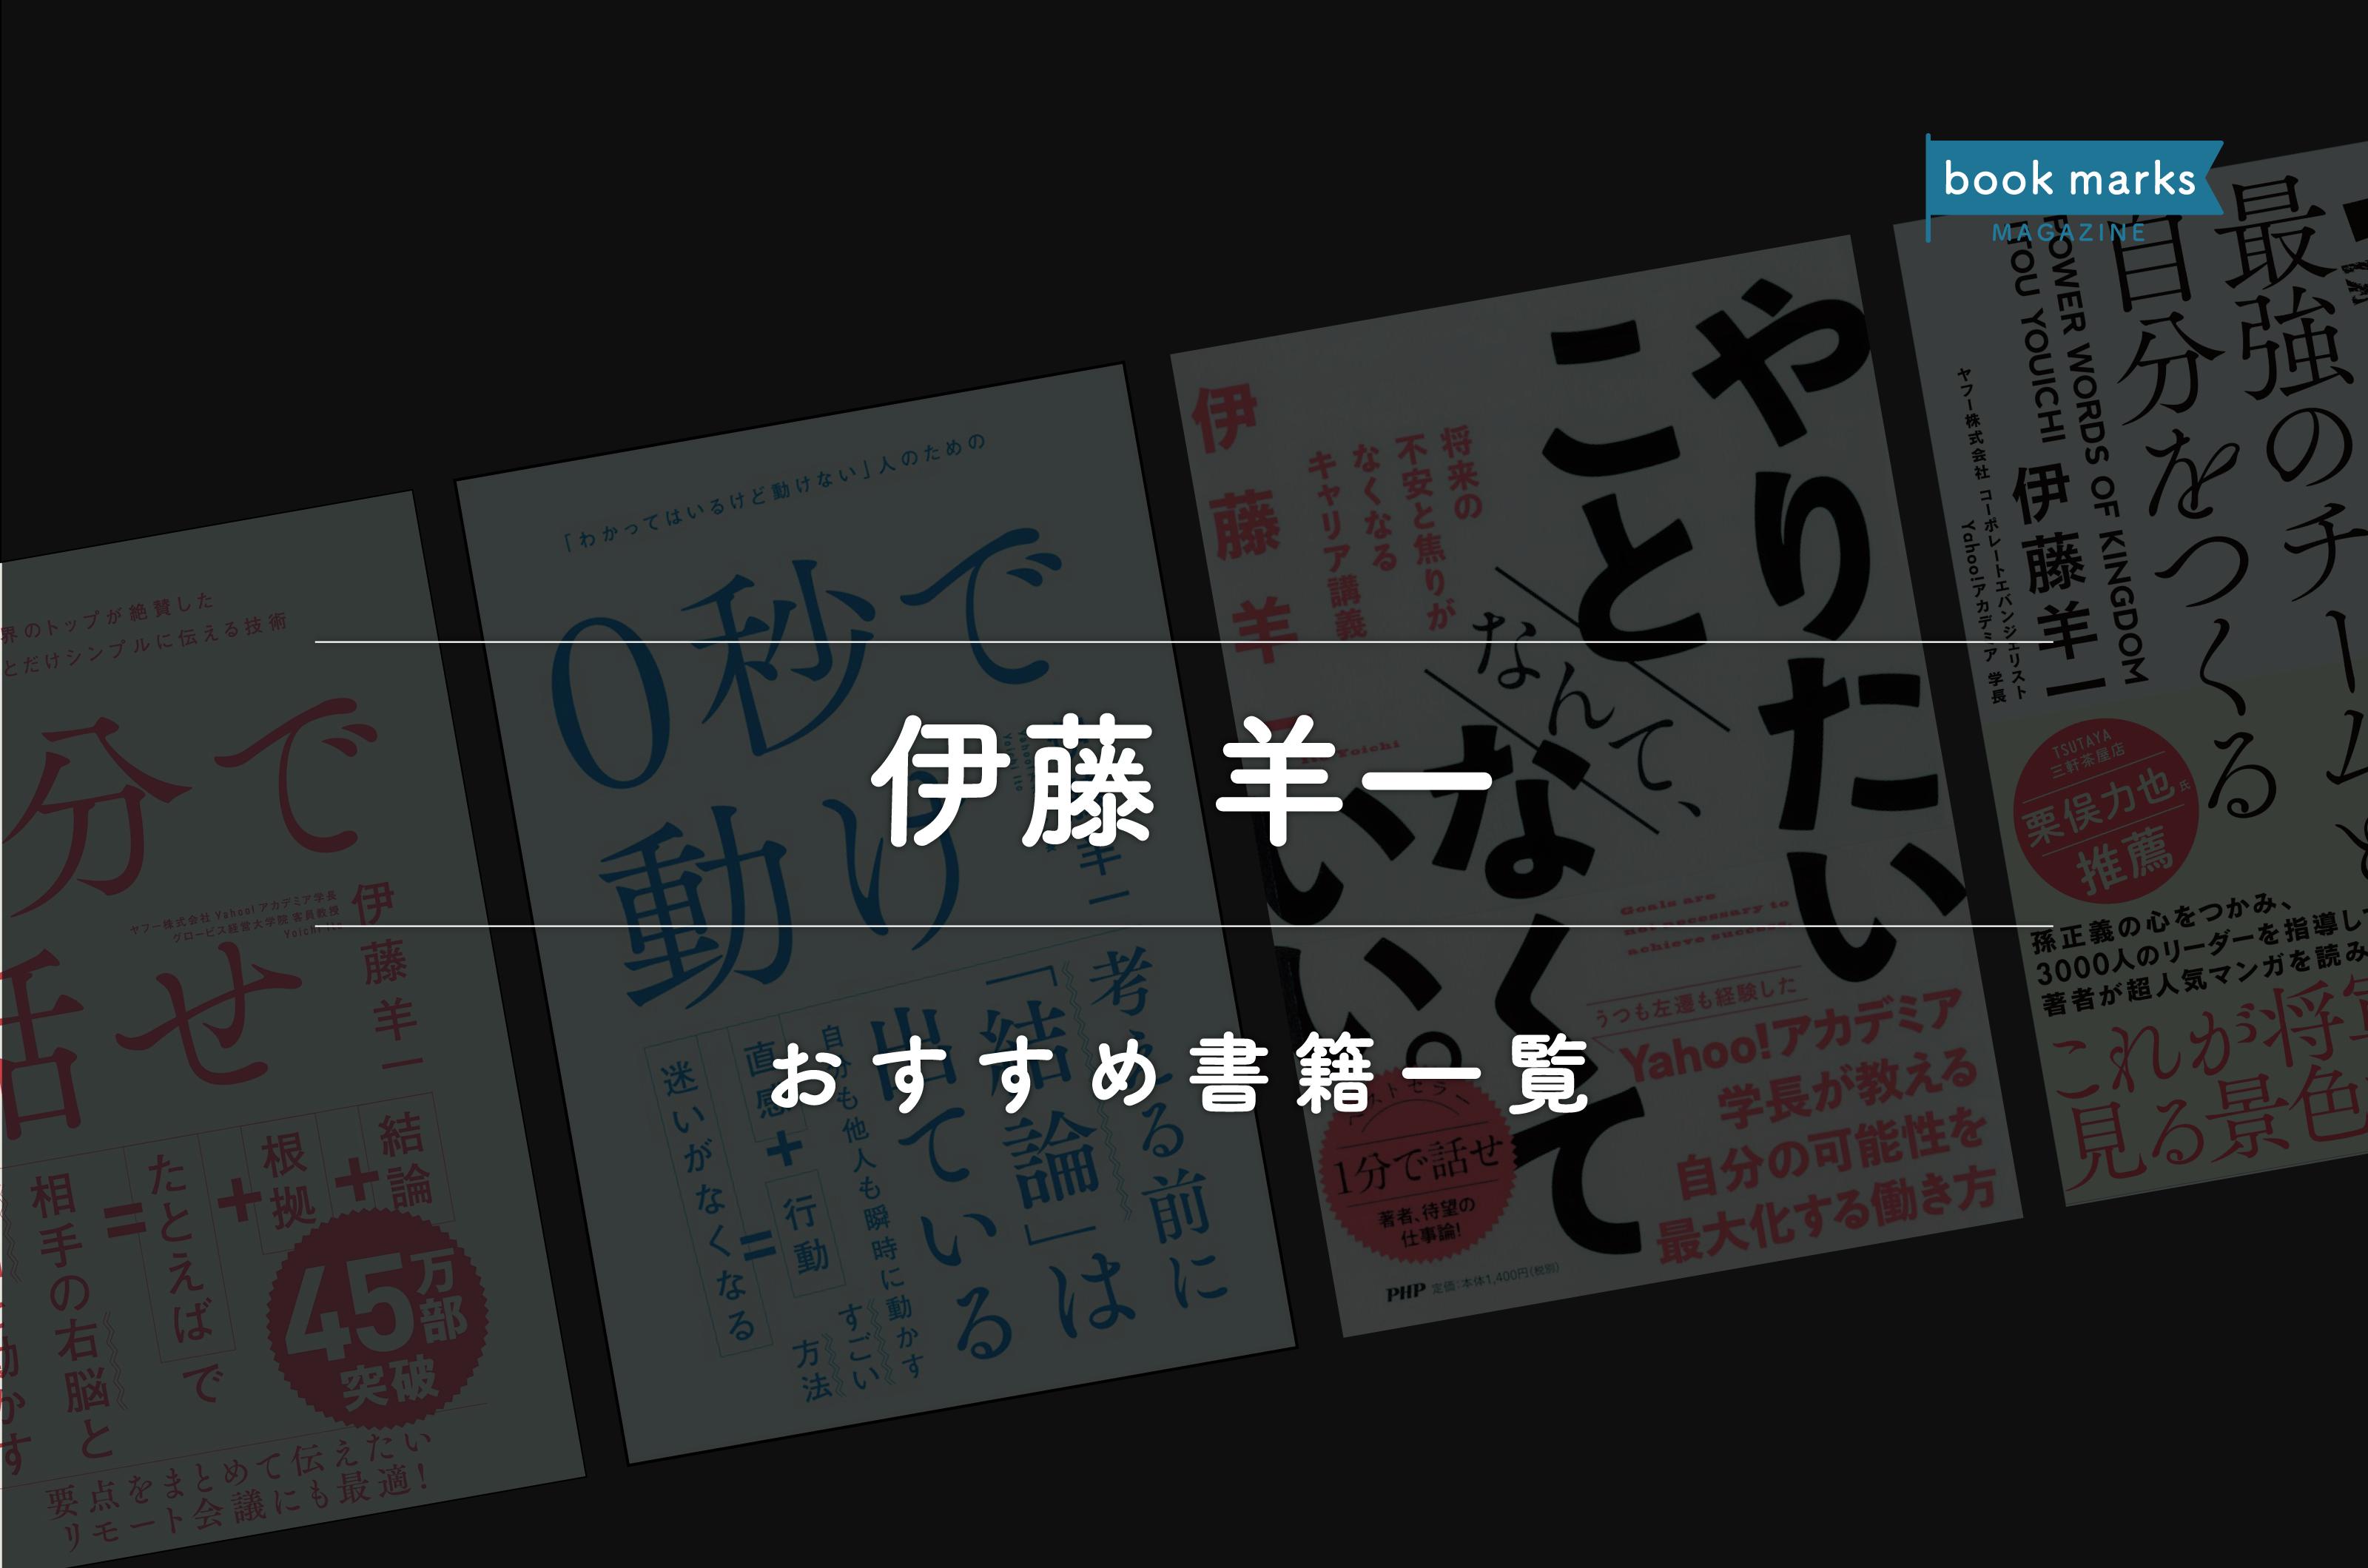 「伊藤羊一氏 おすすめ書籍一覧」のアイキャッチ画像